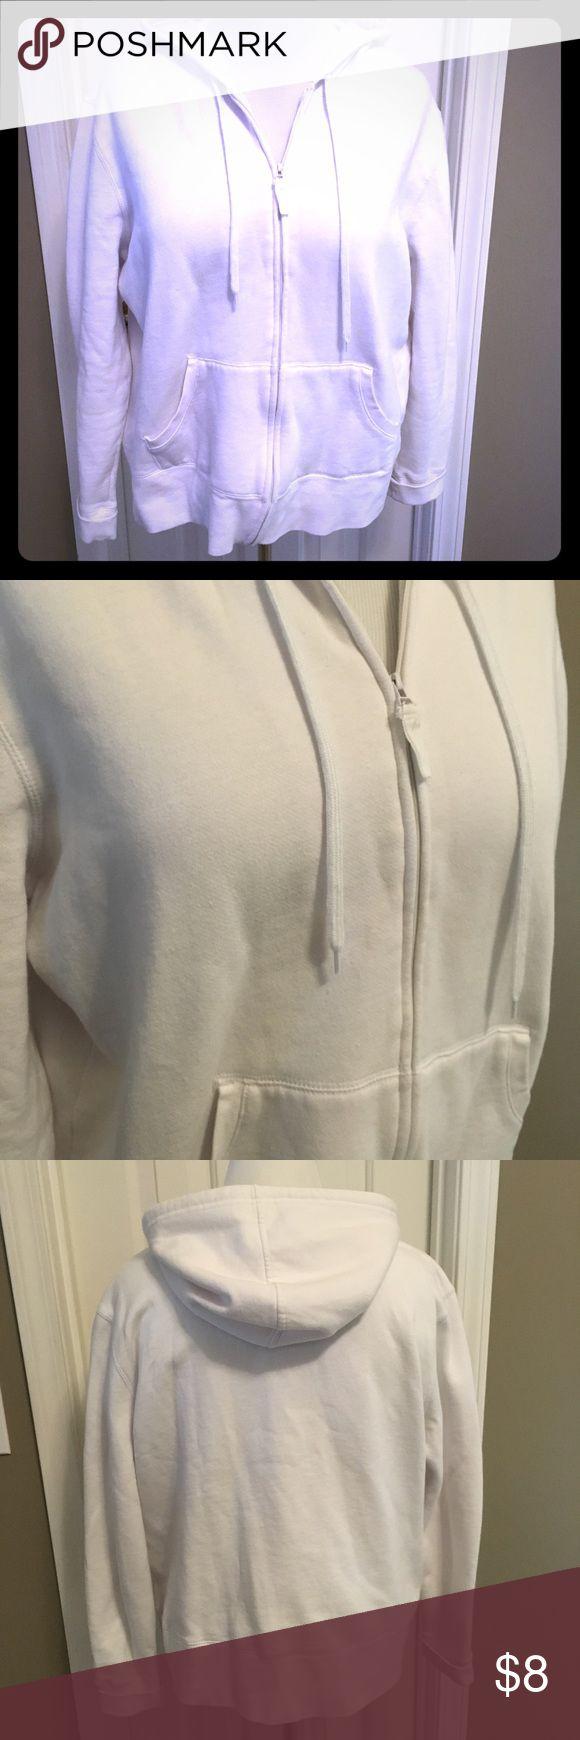 White zip up hoodie jacket - EUC Excellent condition. White hoodie zip up in soft sweatshirt knit. Karen Scott Jackets & Coats